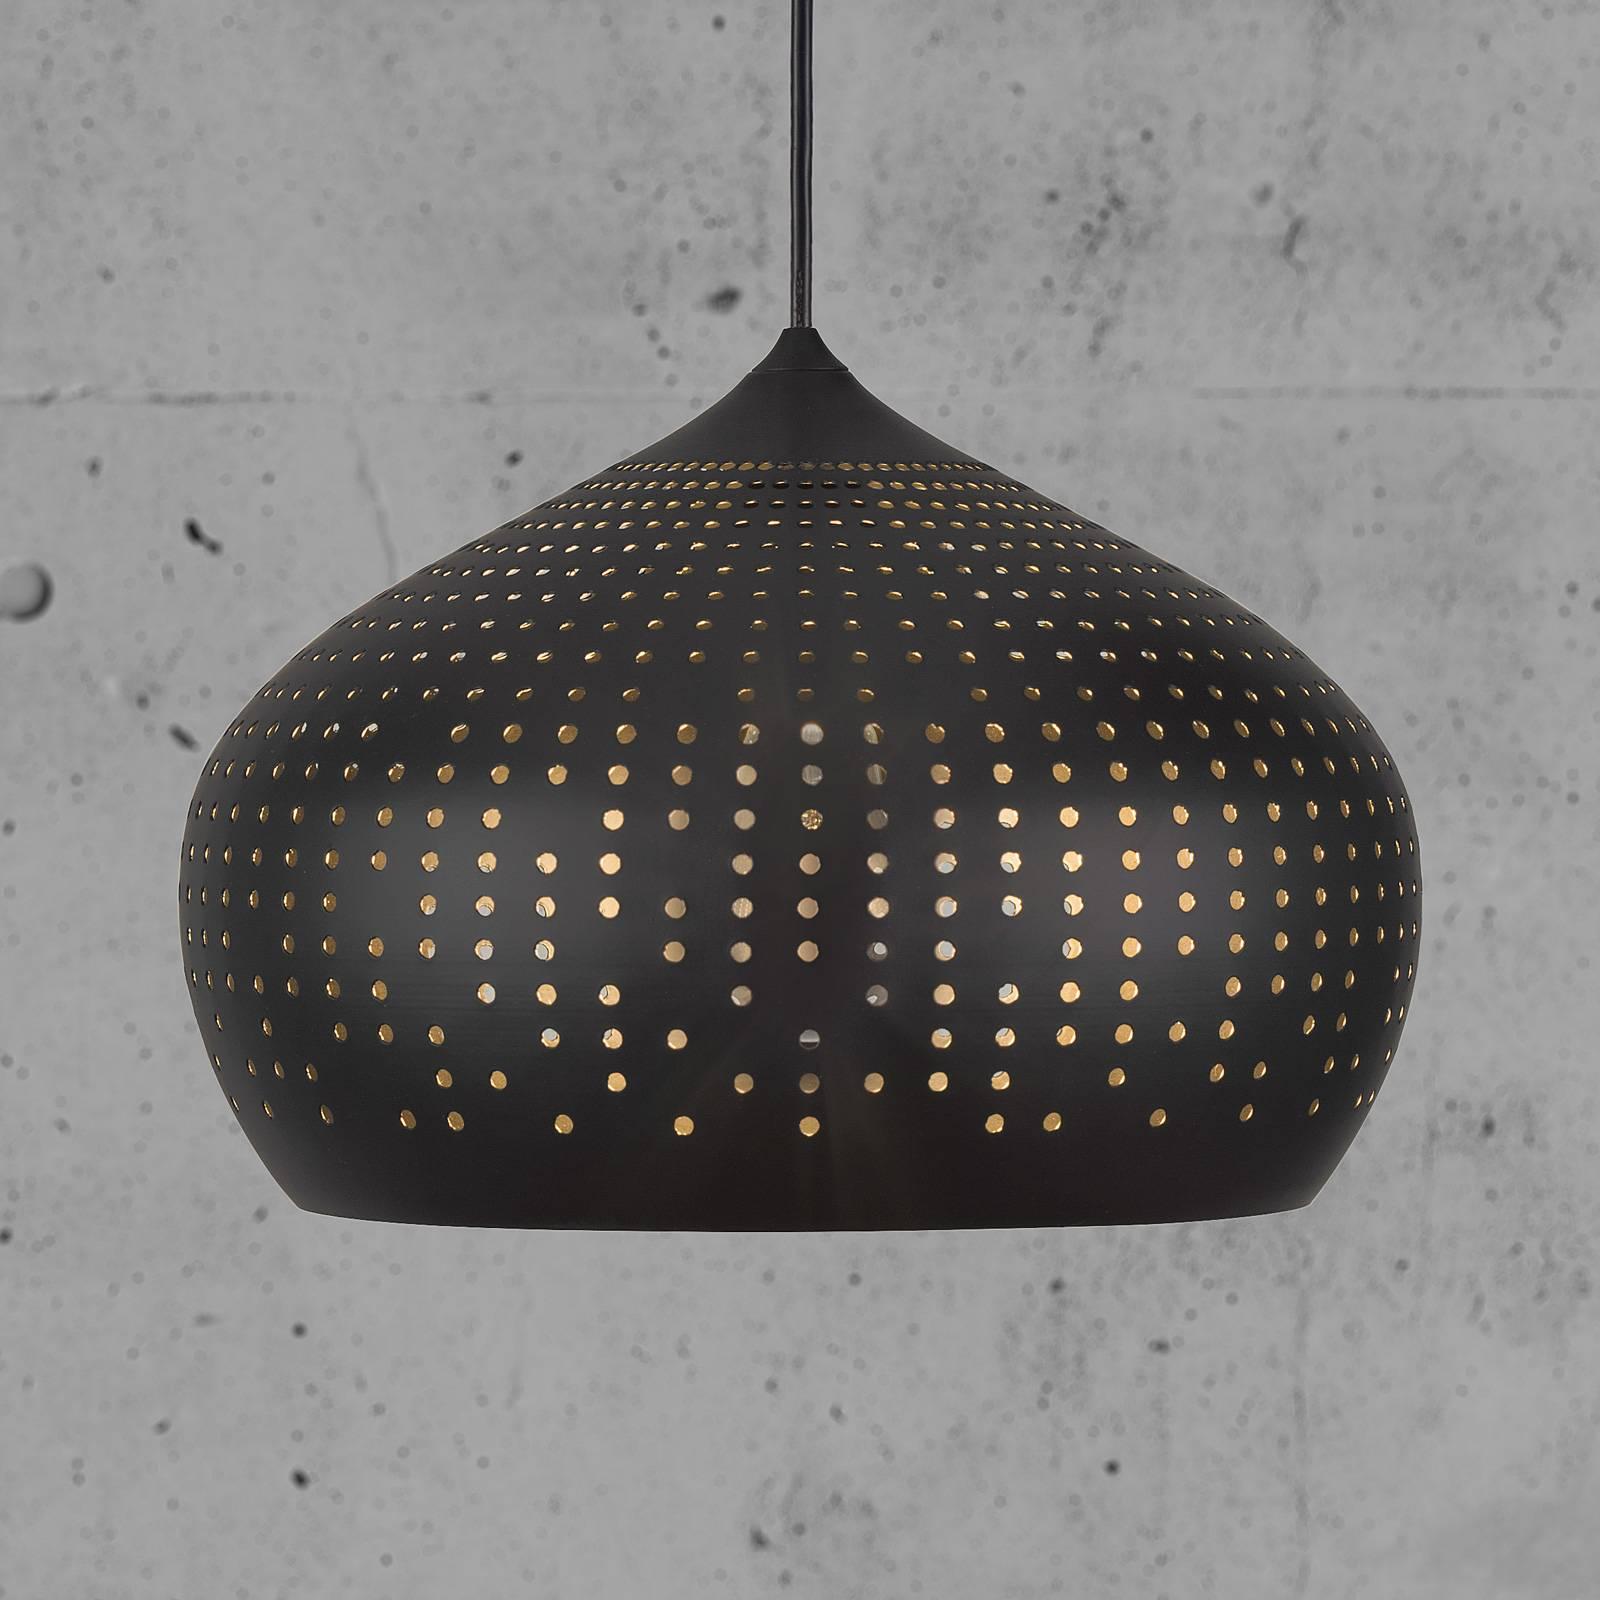 Houston hanglamp met geperforeerde kap, 30 cm